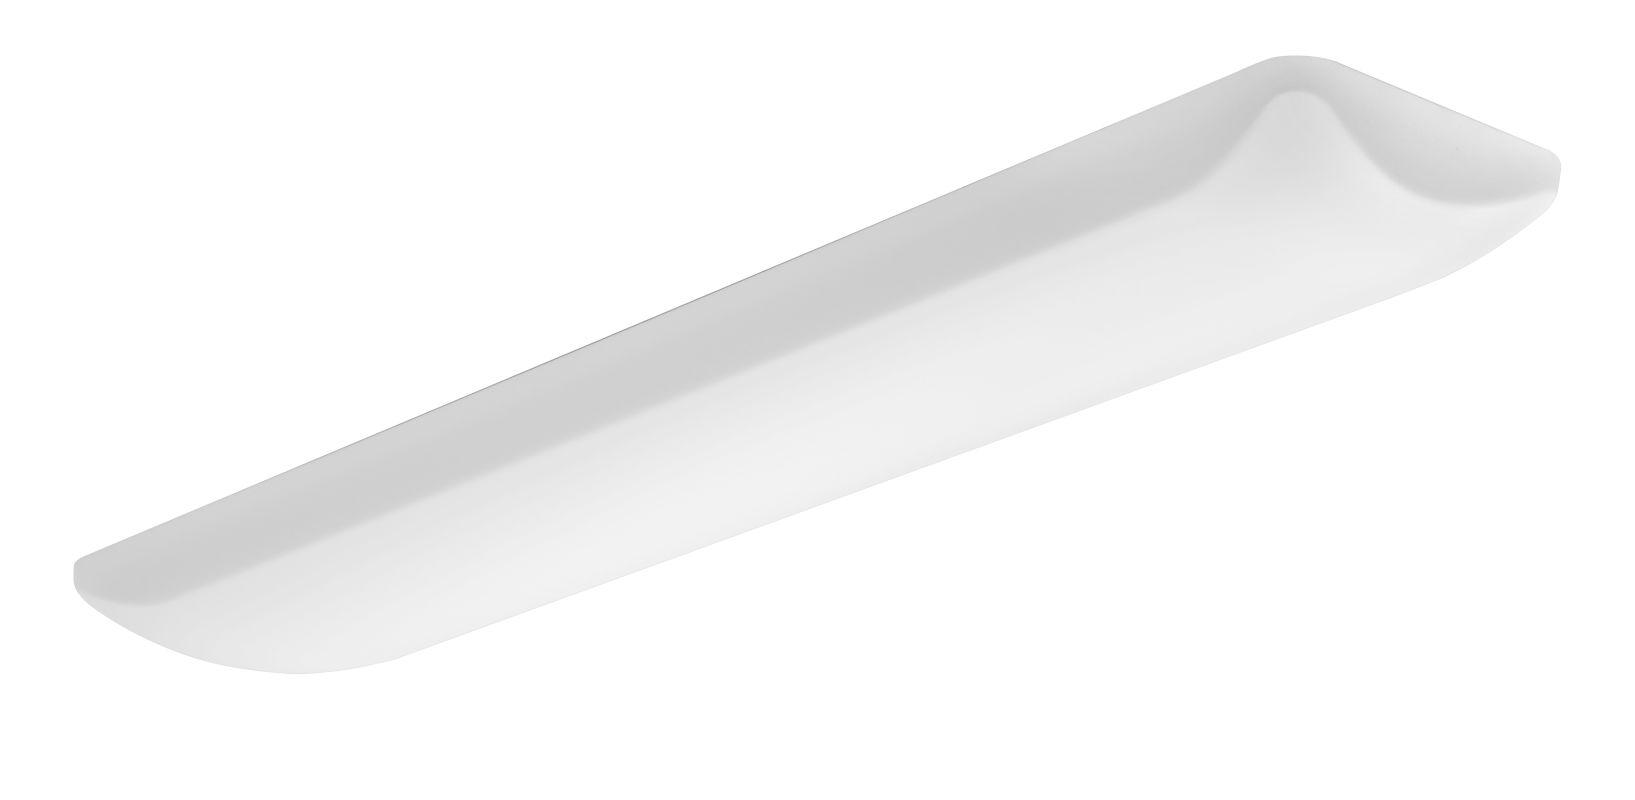 Lithonia Lighting Fmll 9 30840 White Litepuff Quot Flush